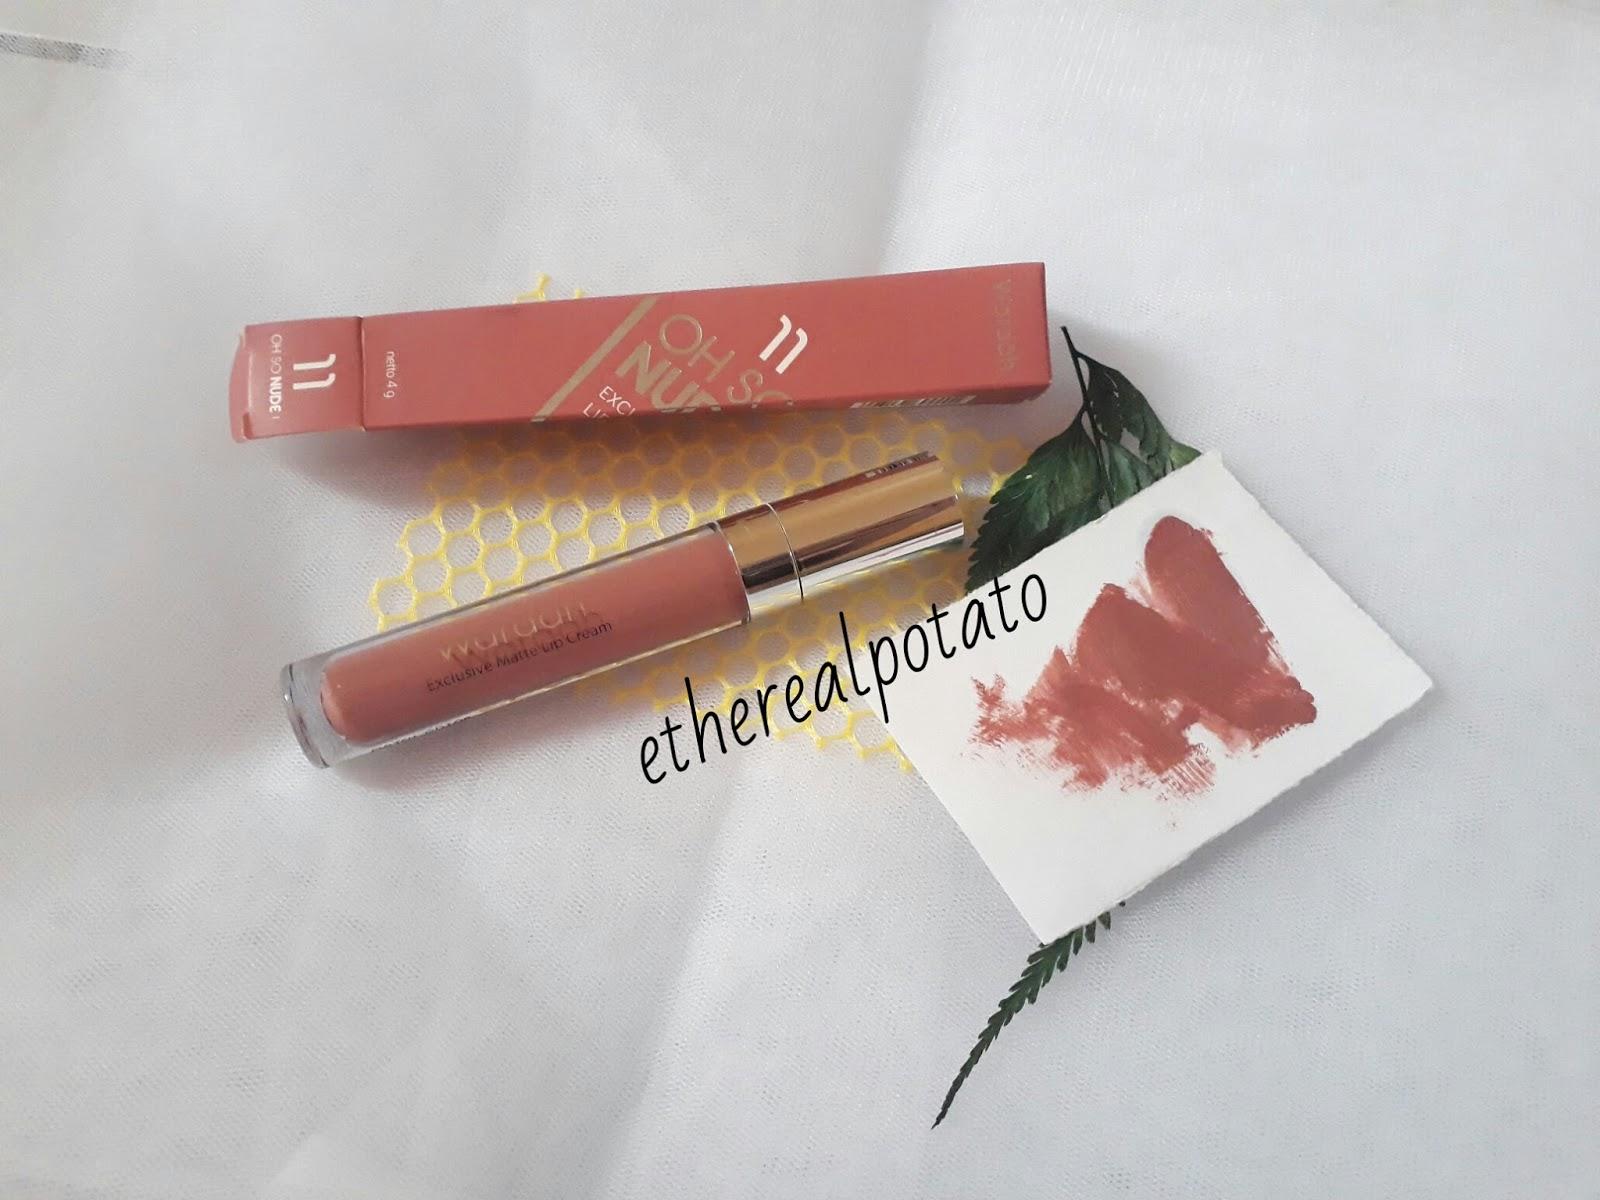 Review Wardah Exclusive Matte Lip Cream 11 Oh So Nude Ethereal No 8 Ini Ternyata Bukan Tipe Yang Langsung Dry Down Dia Ada Masa Basahnya Dulu Buttery Dan Harus